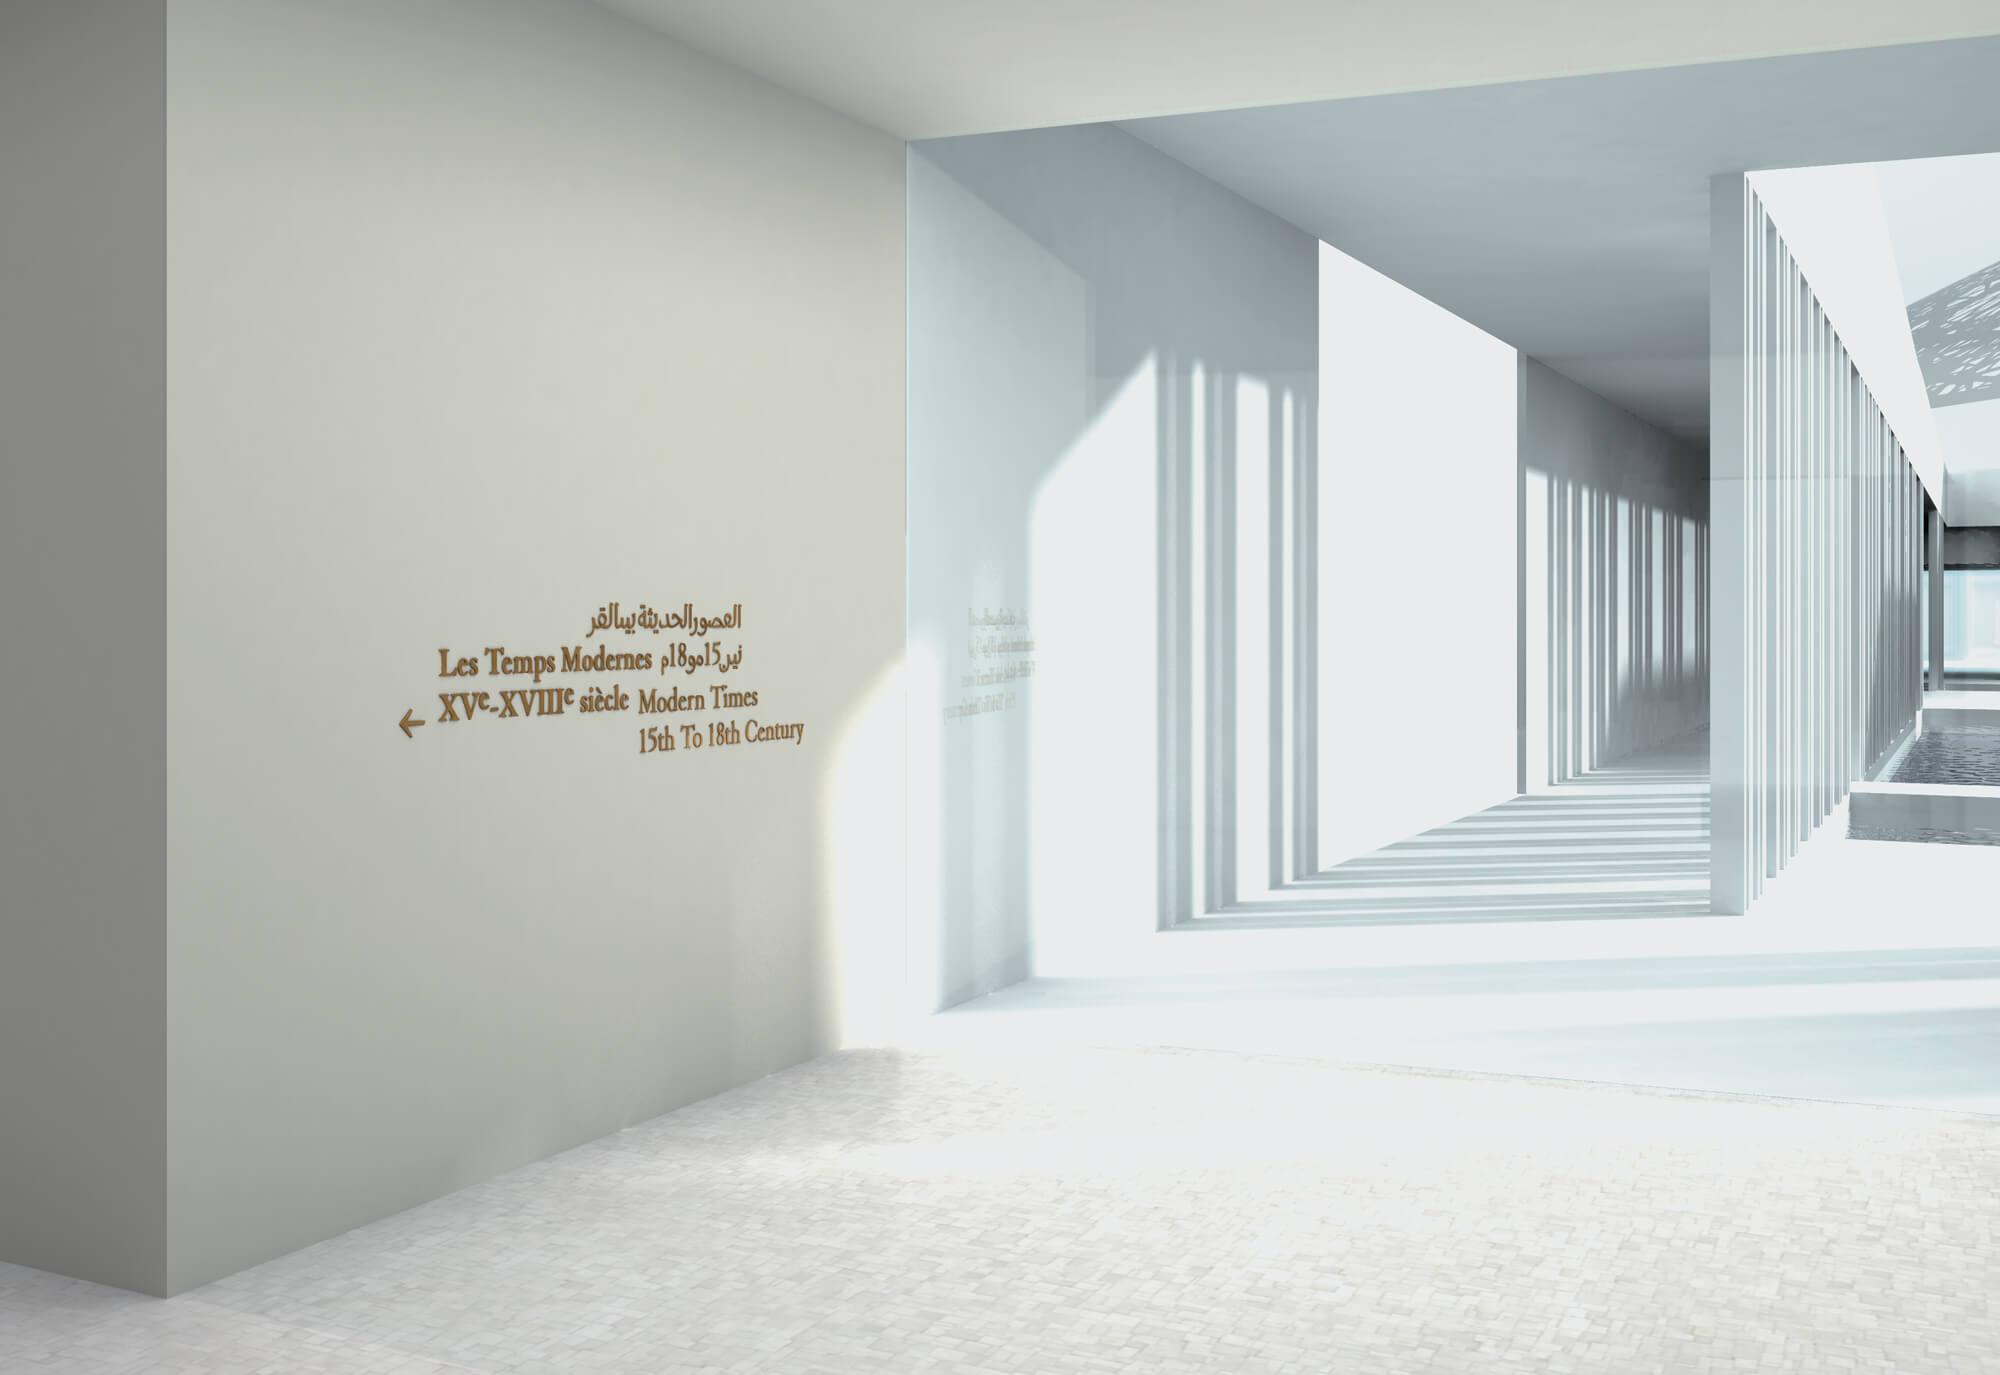 mise en situation de la signalétique du Louvre Abu Dhabi design par ichetkar.